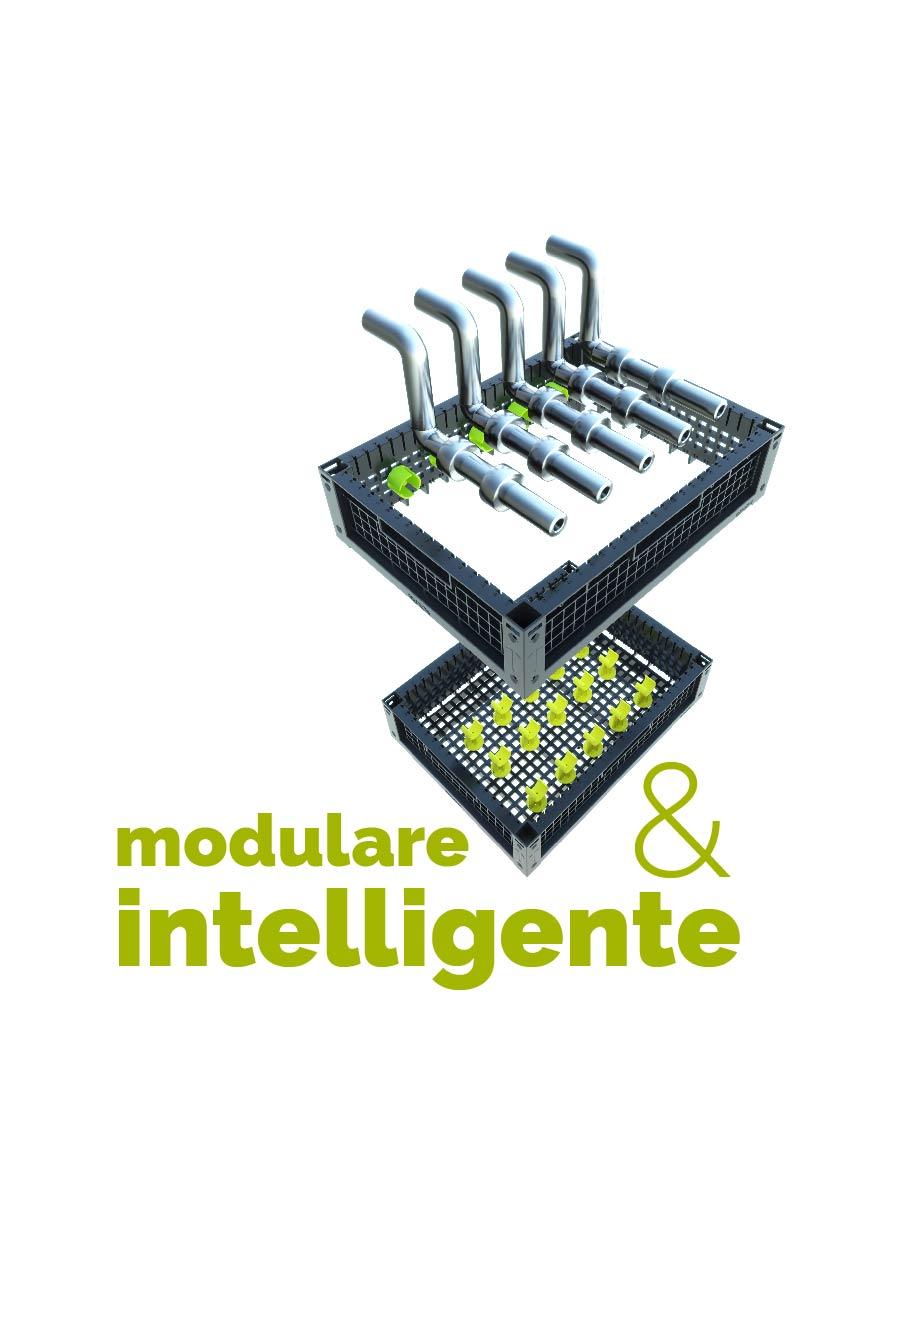 Modulare e intelligente